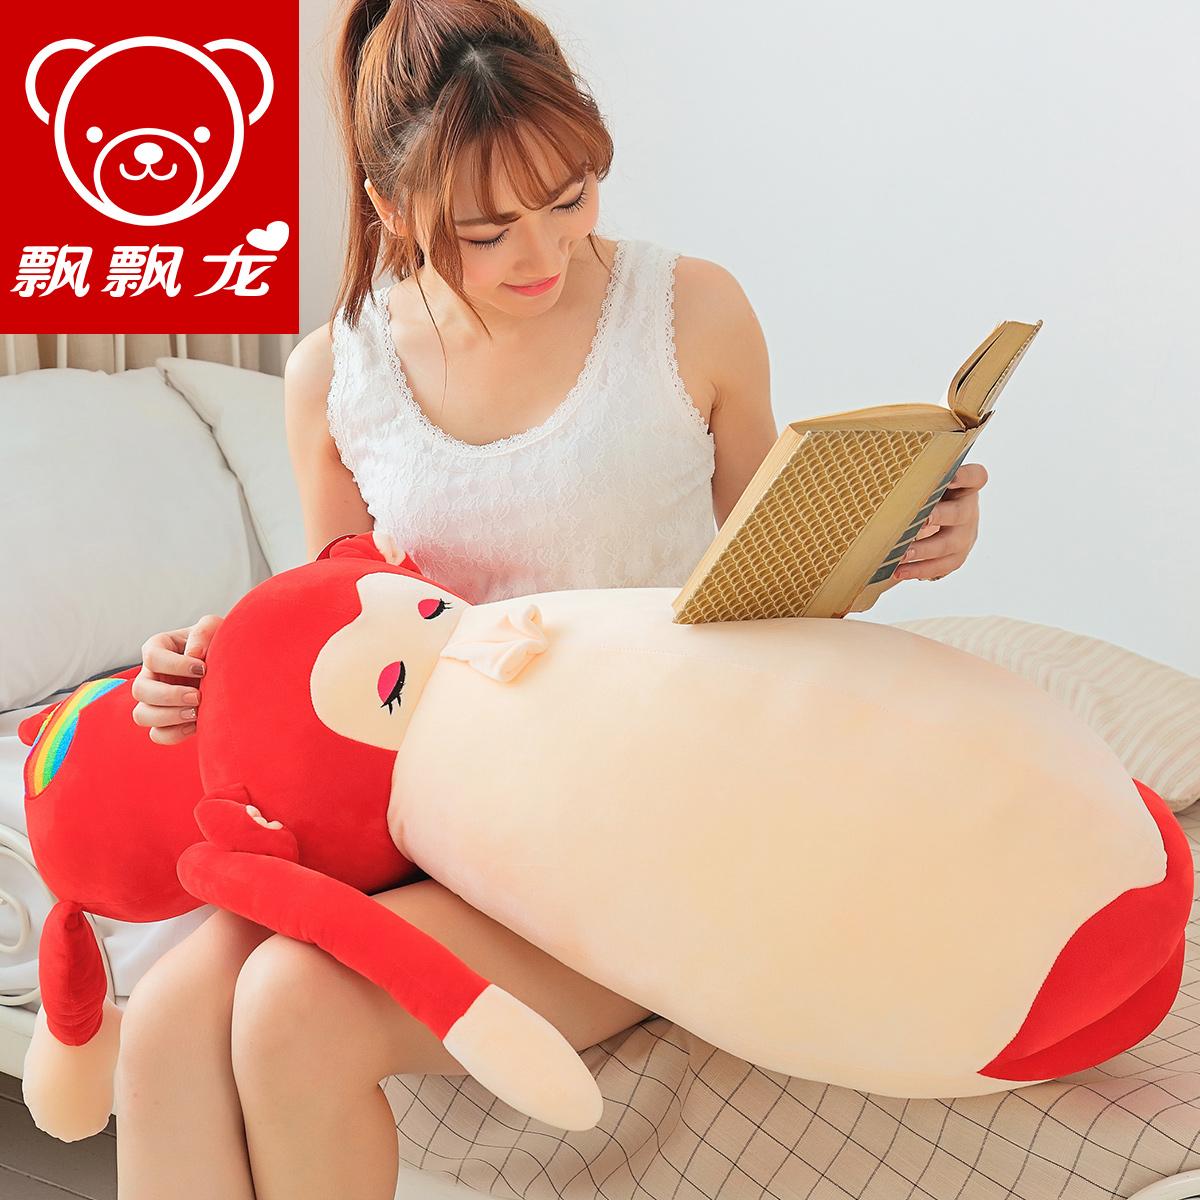 毛�q玩具猴子公仔玩偶生日�Y物女生睡�X抱枕布娃娃可�鄞笞旌锿媾�